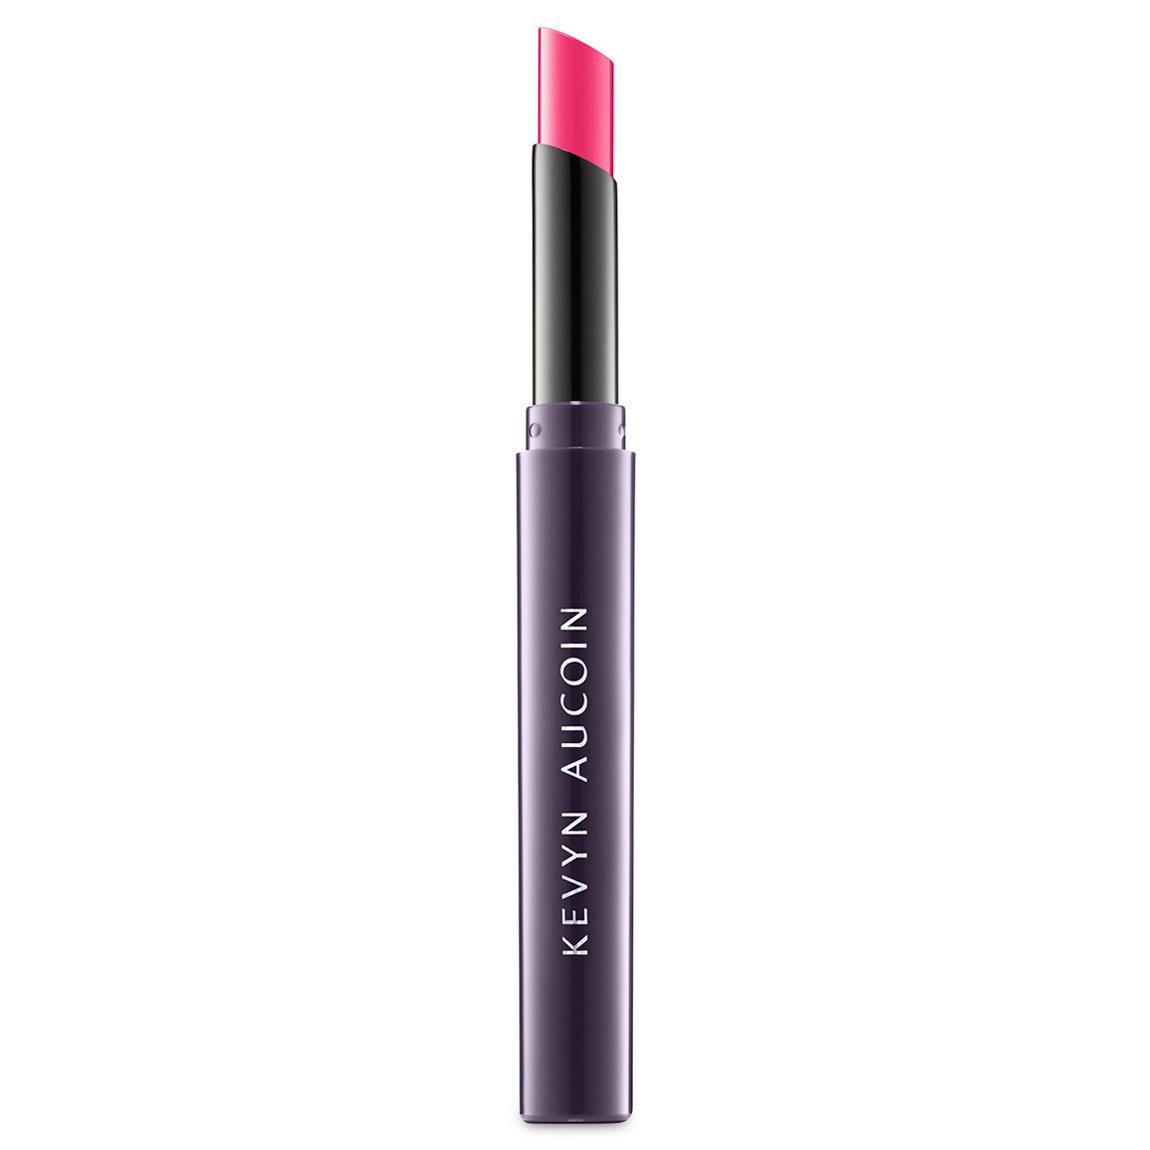 Kevyn Aucoin Unforgettable Lipstick Shine Enigma alternative view 1.